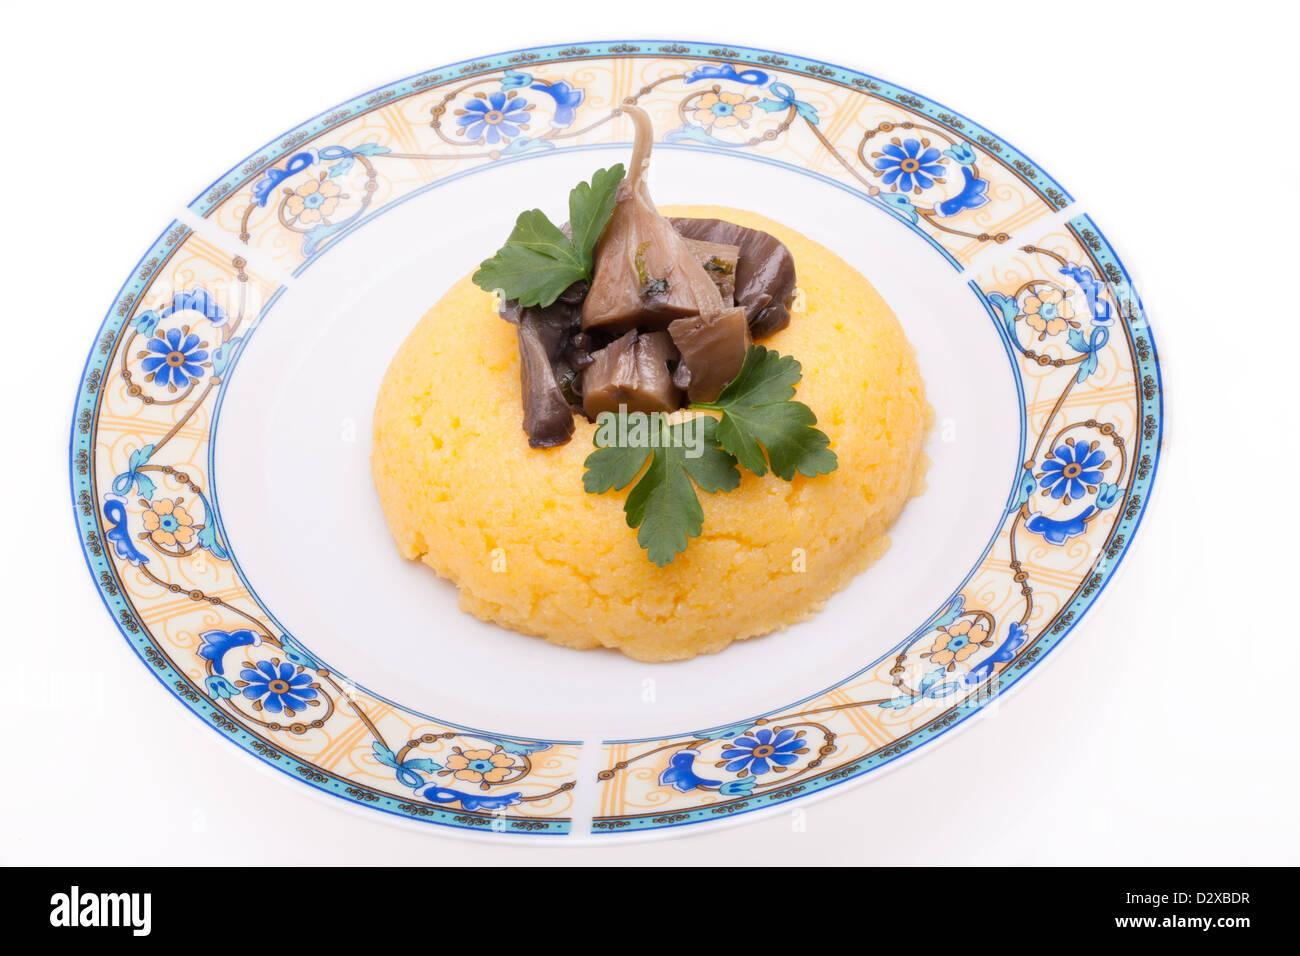 Ricetta con funghi e polenta di mais Immagini Stock